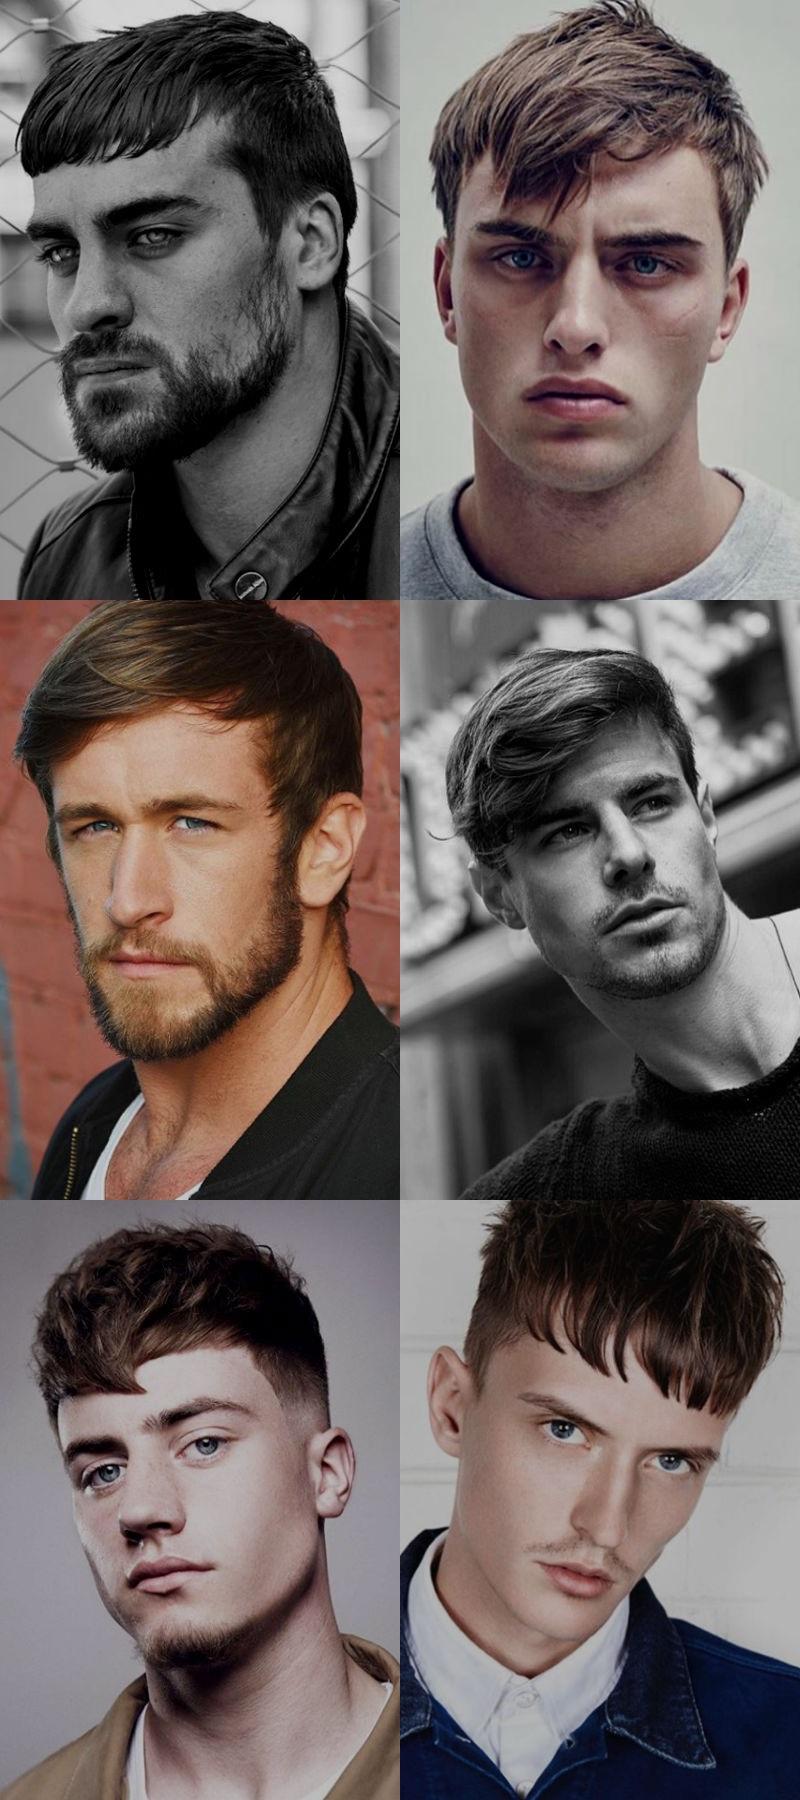 Homem No Espelho - Cortes de cabelo masculinos 2016 - Franjas